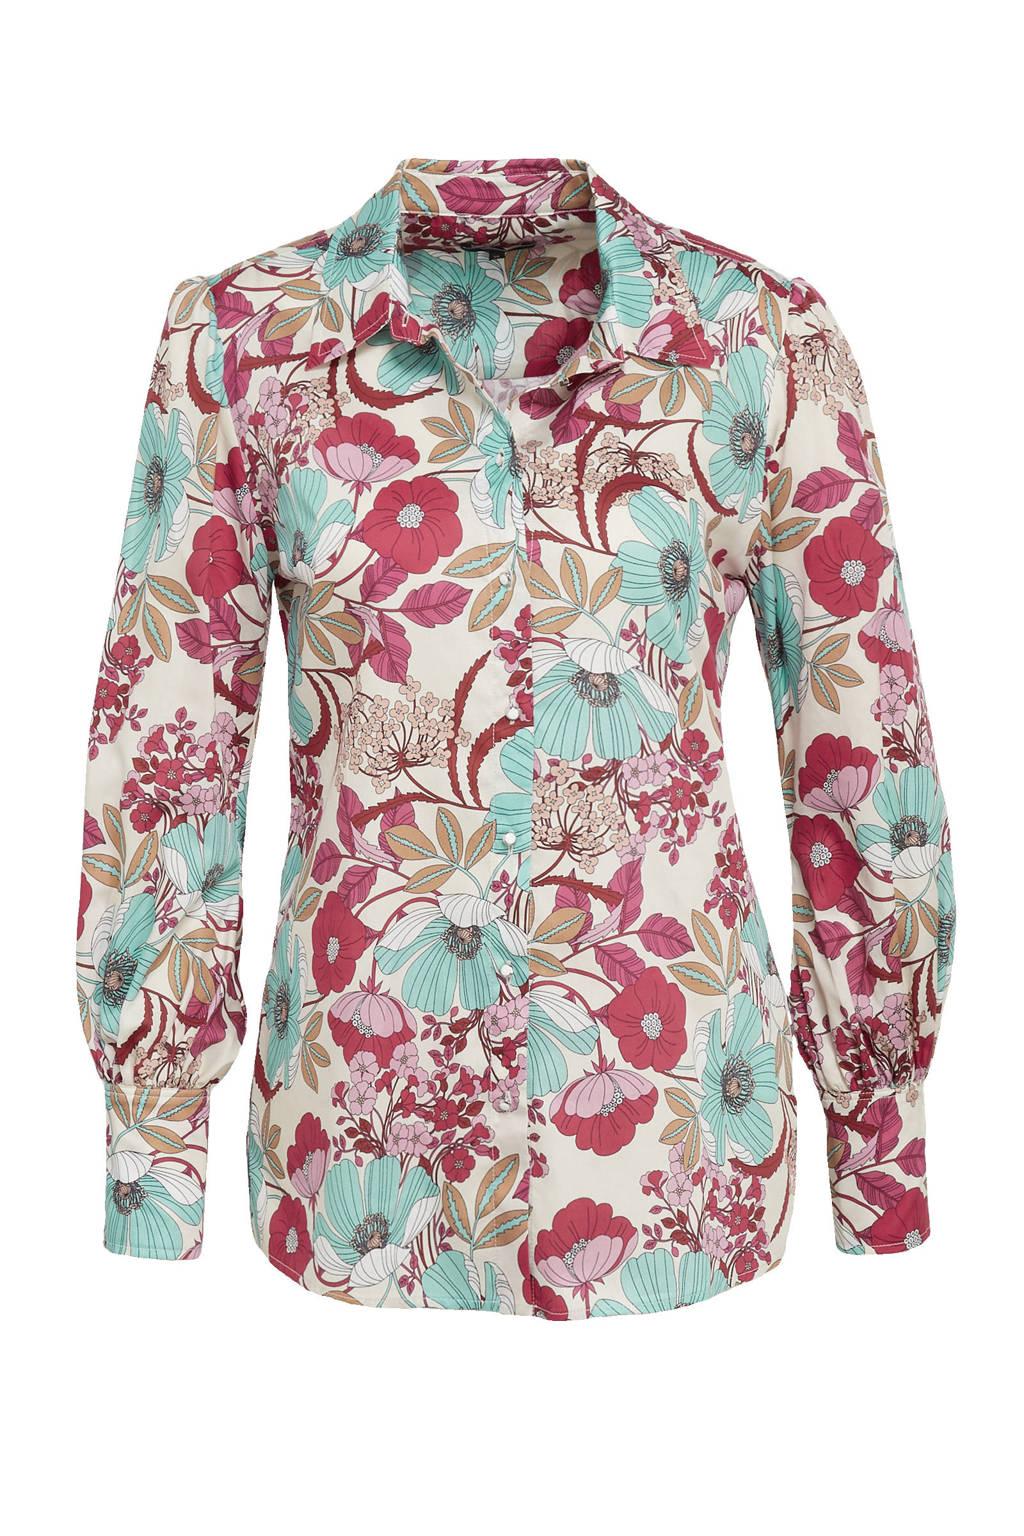 Claudia Sträter gebloemde blouse beige/lichtblauw/fuchsia, Beige/lichtblauw/fuchsia